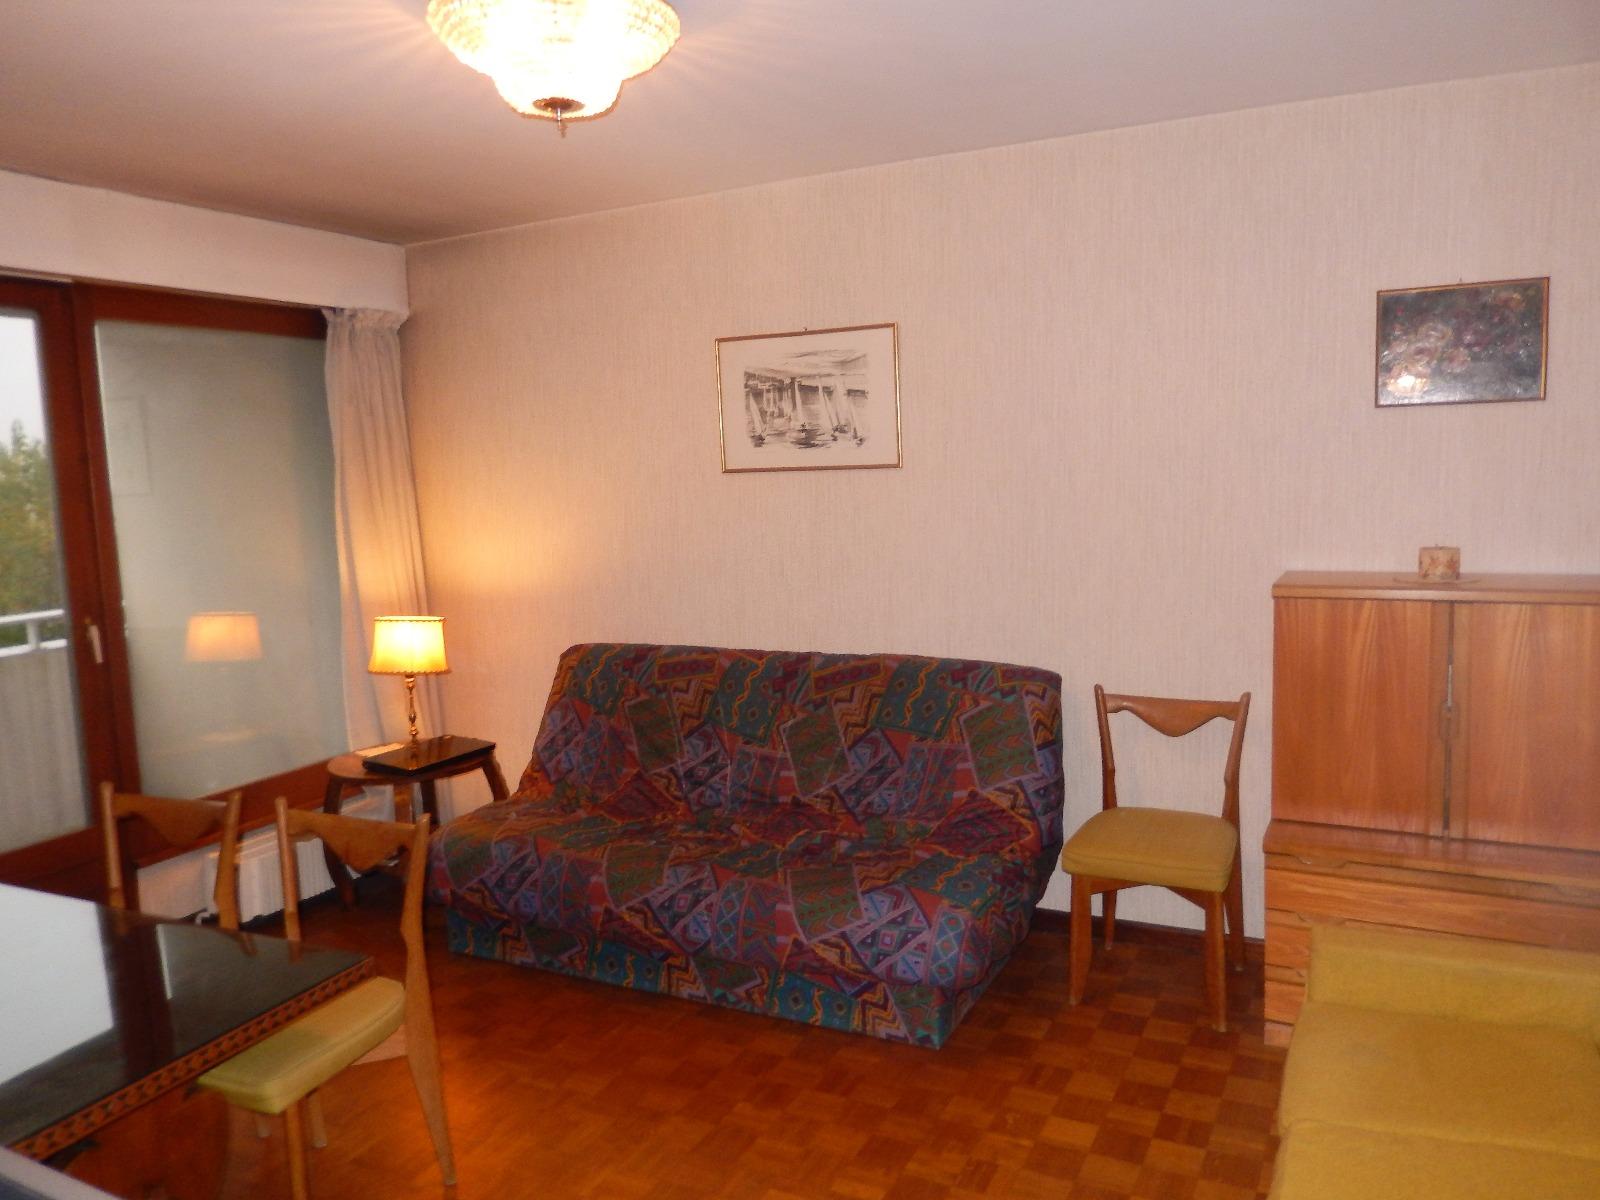 appartement t2 en tage lev avec garage et cave vendre annemasse mab immobilier. Black Bedroom Furniture Sets. Home Design Ideas